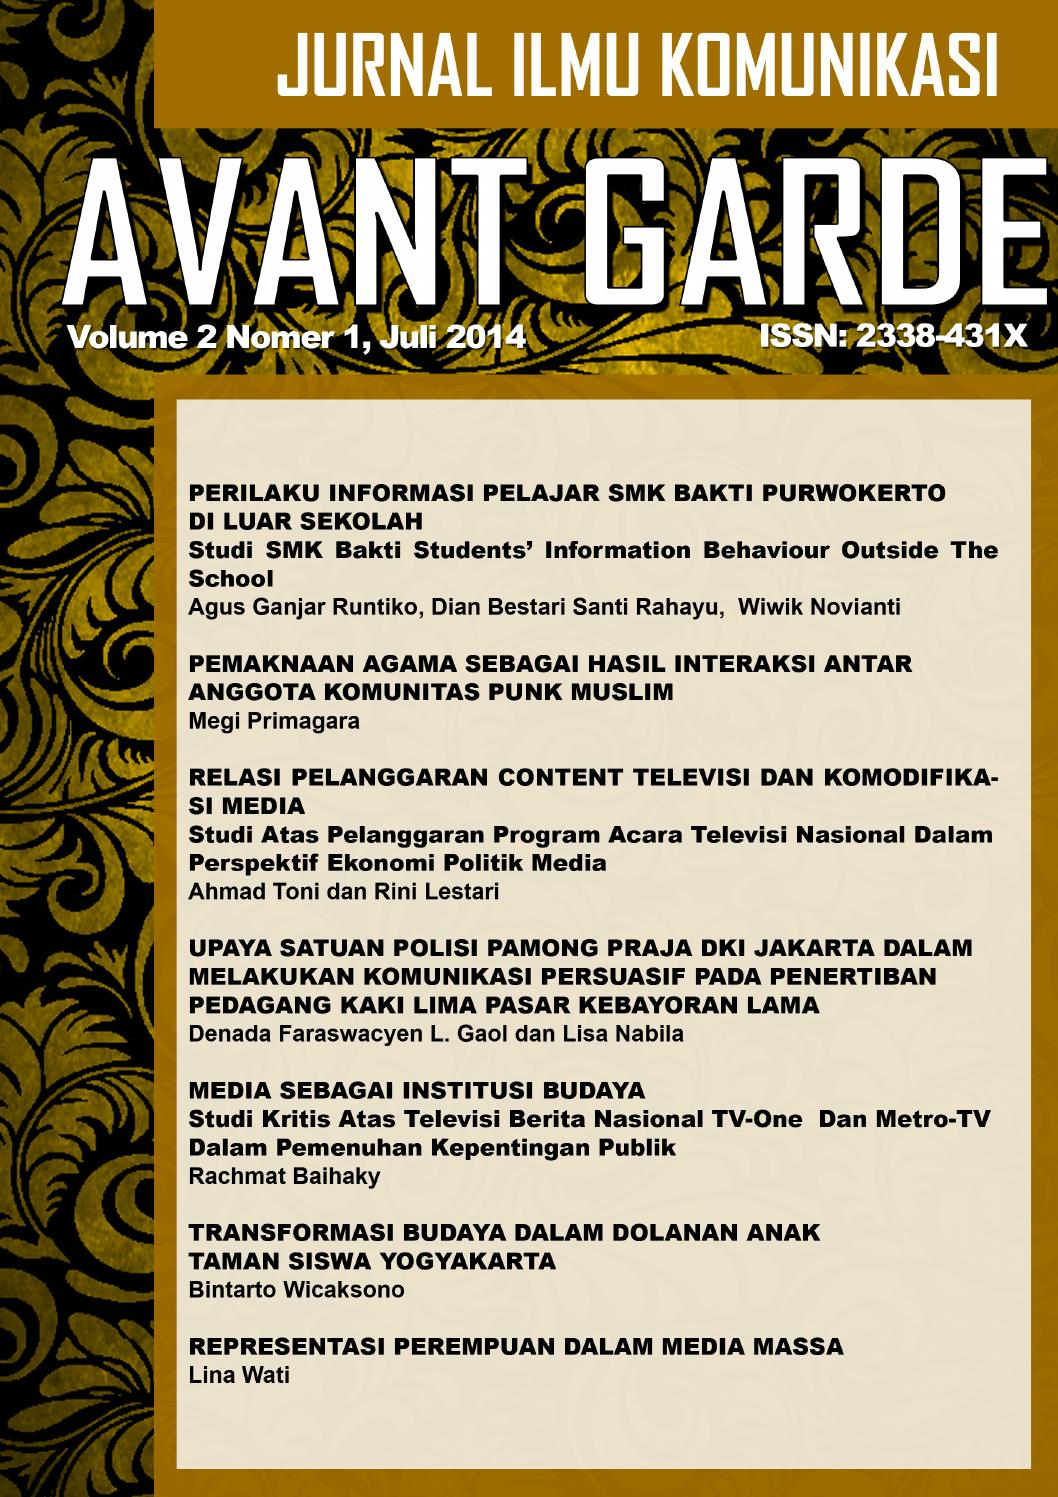 AVANT GARDE VOL 1 NO 2 JULI 2014 by Arief Ruzlan - issuu f6c4868ce1